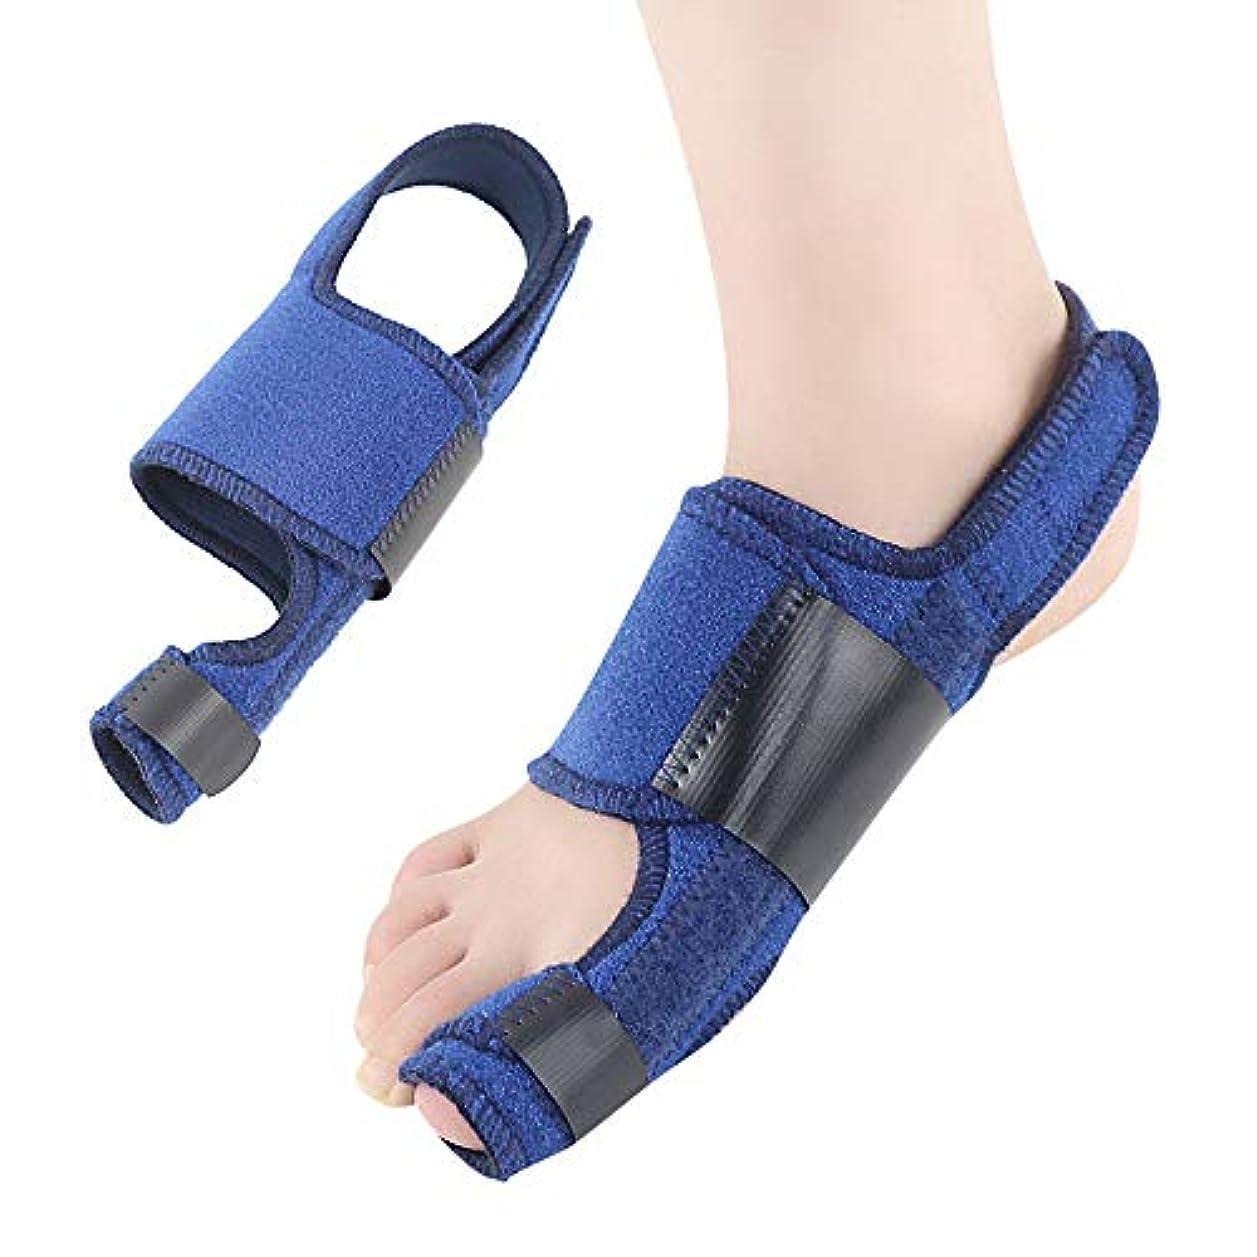 聞く抜け目のない元に戻す外反母趾足指セパレーターは足指重複嚢胞通気性吸収汗ワンサイズを防止し、ヨガ後の痛みと変形を軽減